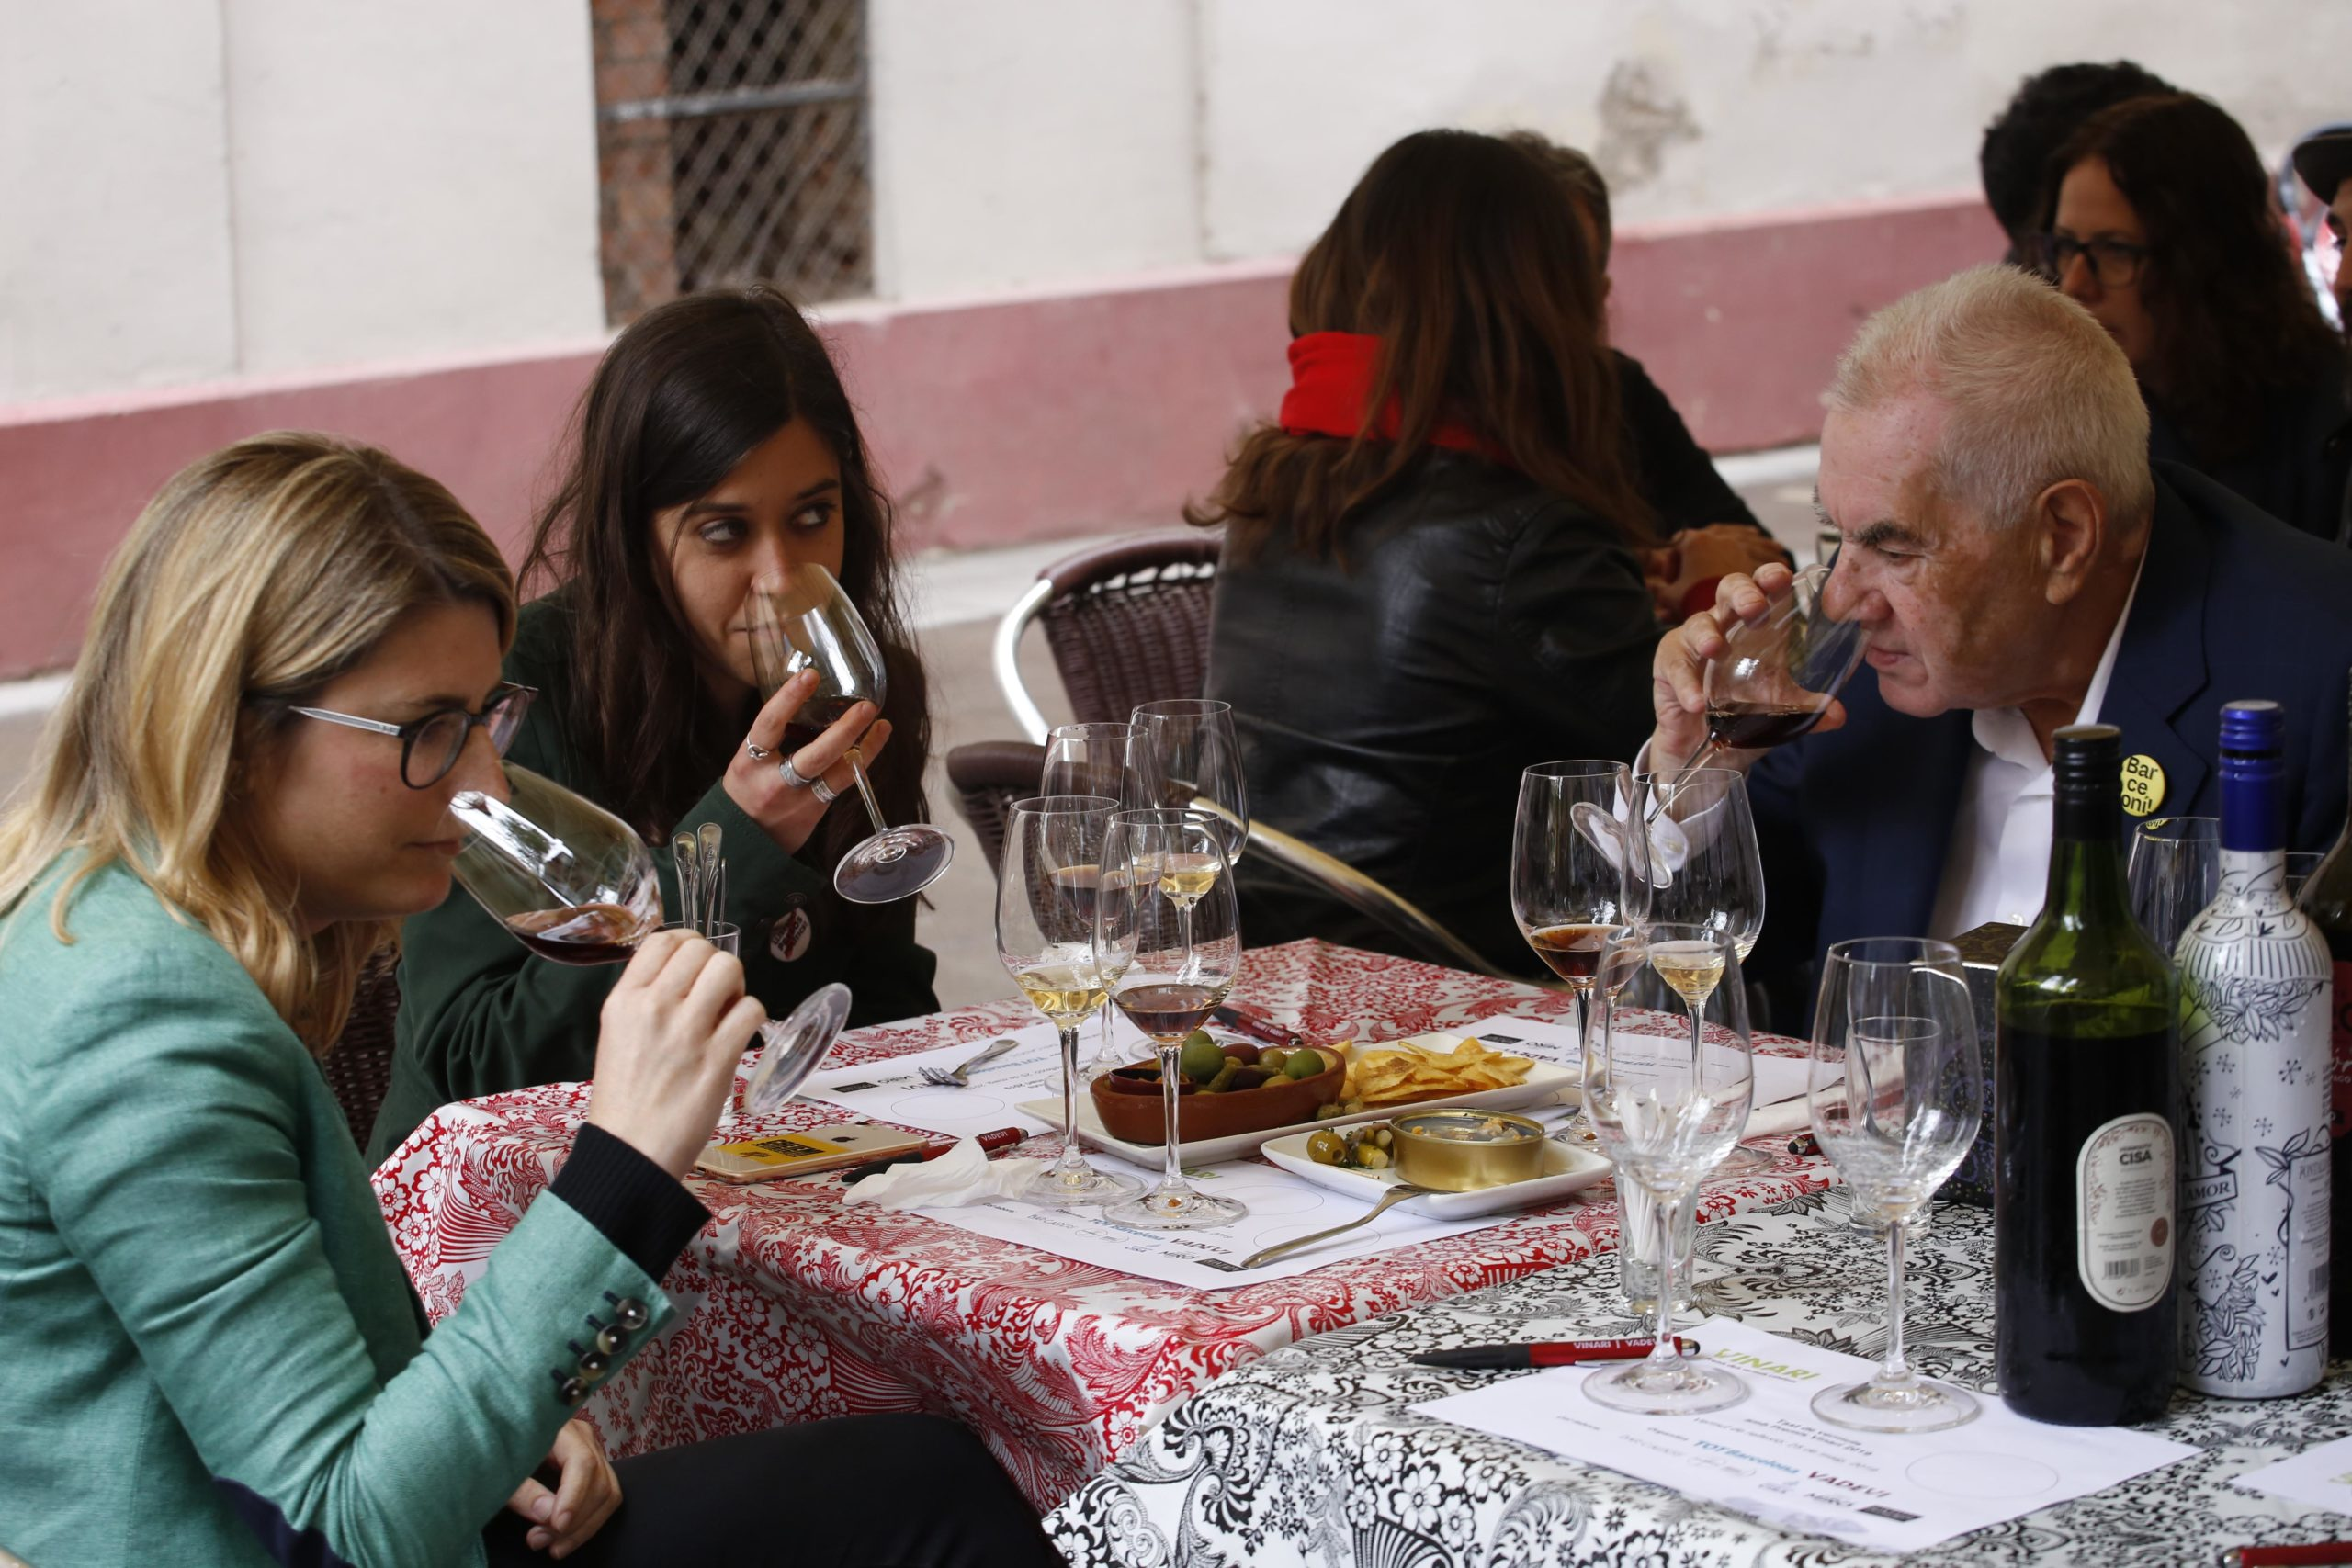 Els candidats tasten el segon dels vermuts premiats / Cristóbal Castro